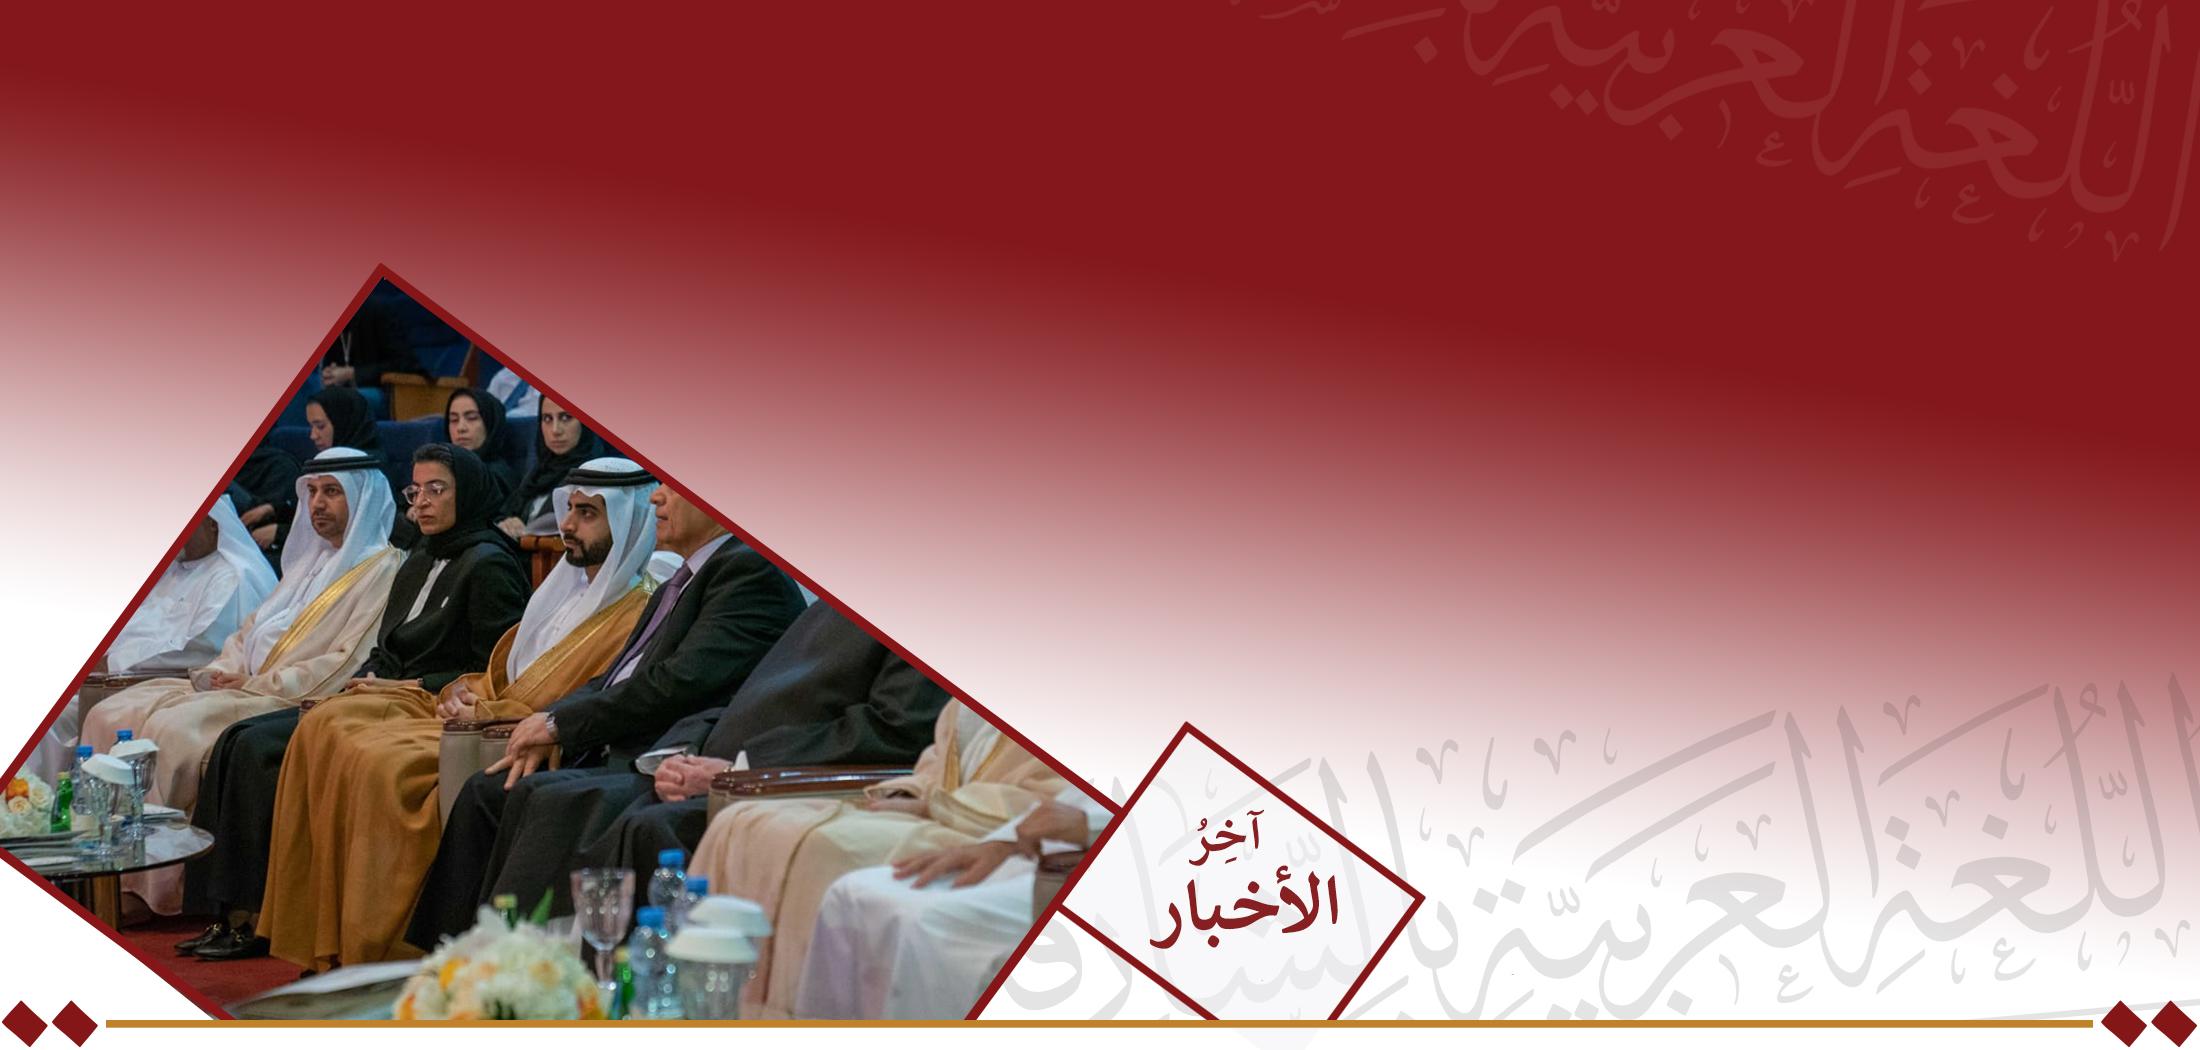 سالم بن عبد الرحمن القاسمي يشهد احتفالية اليوم العالمي للغة العربية – أخبار